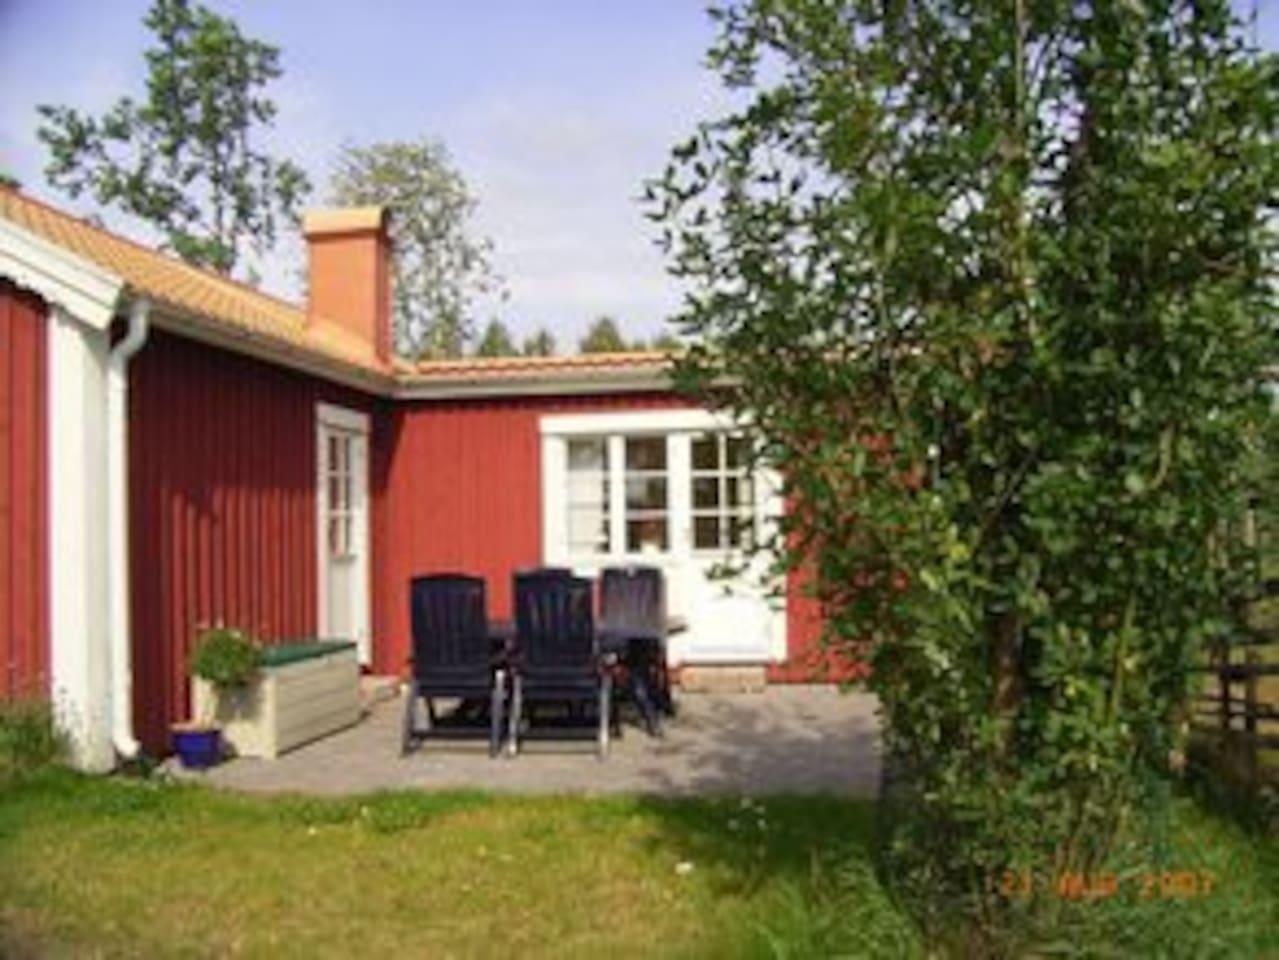 Trevlig stuga i jälluntofta   zomerhuisjes/cottages te huur in ...